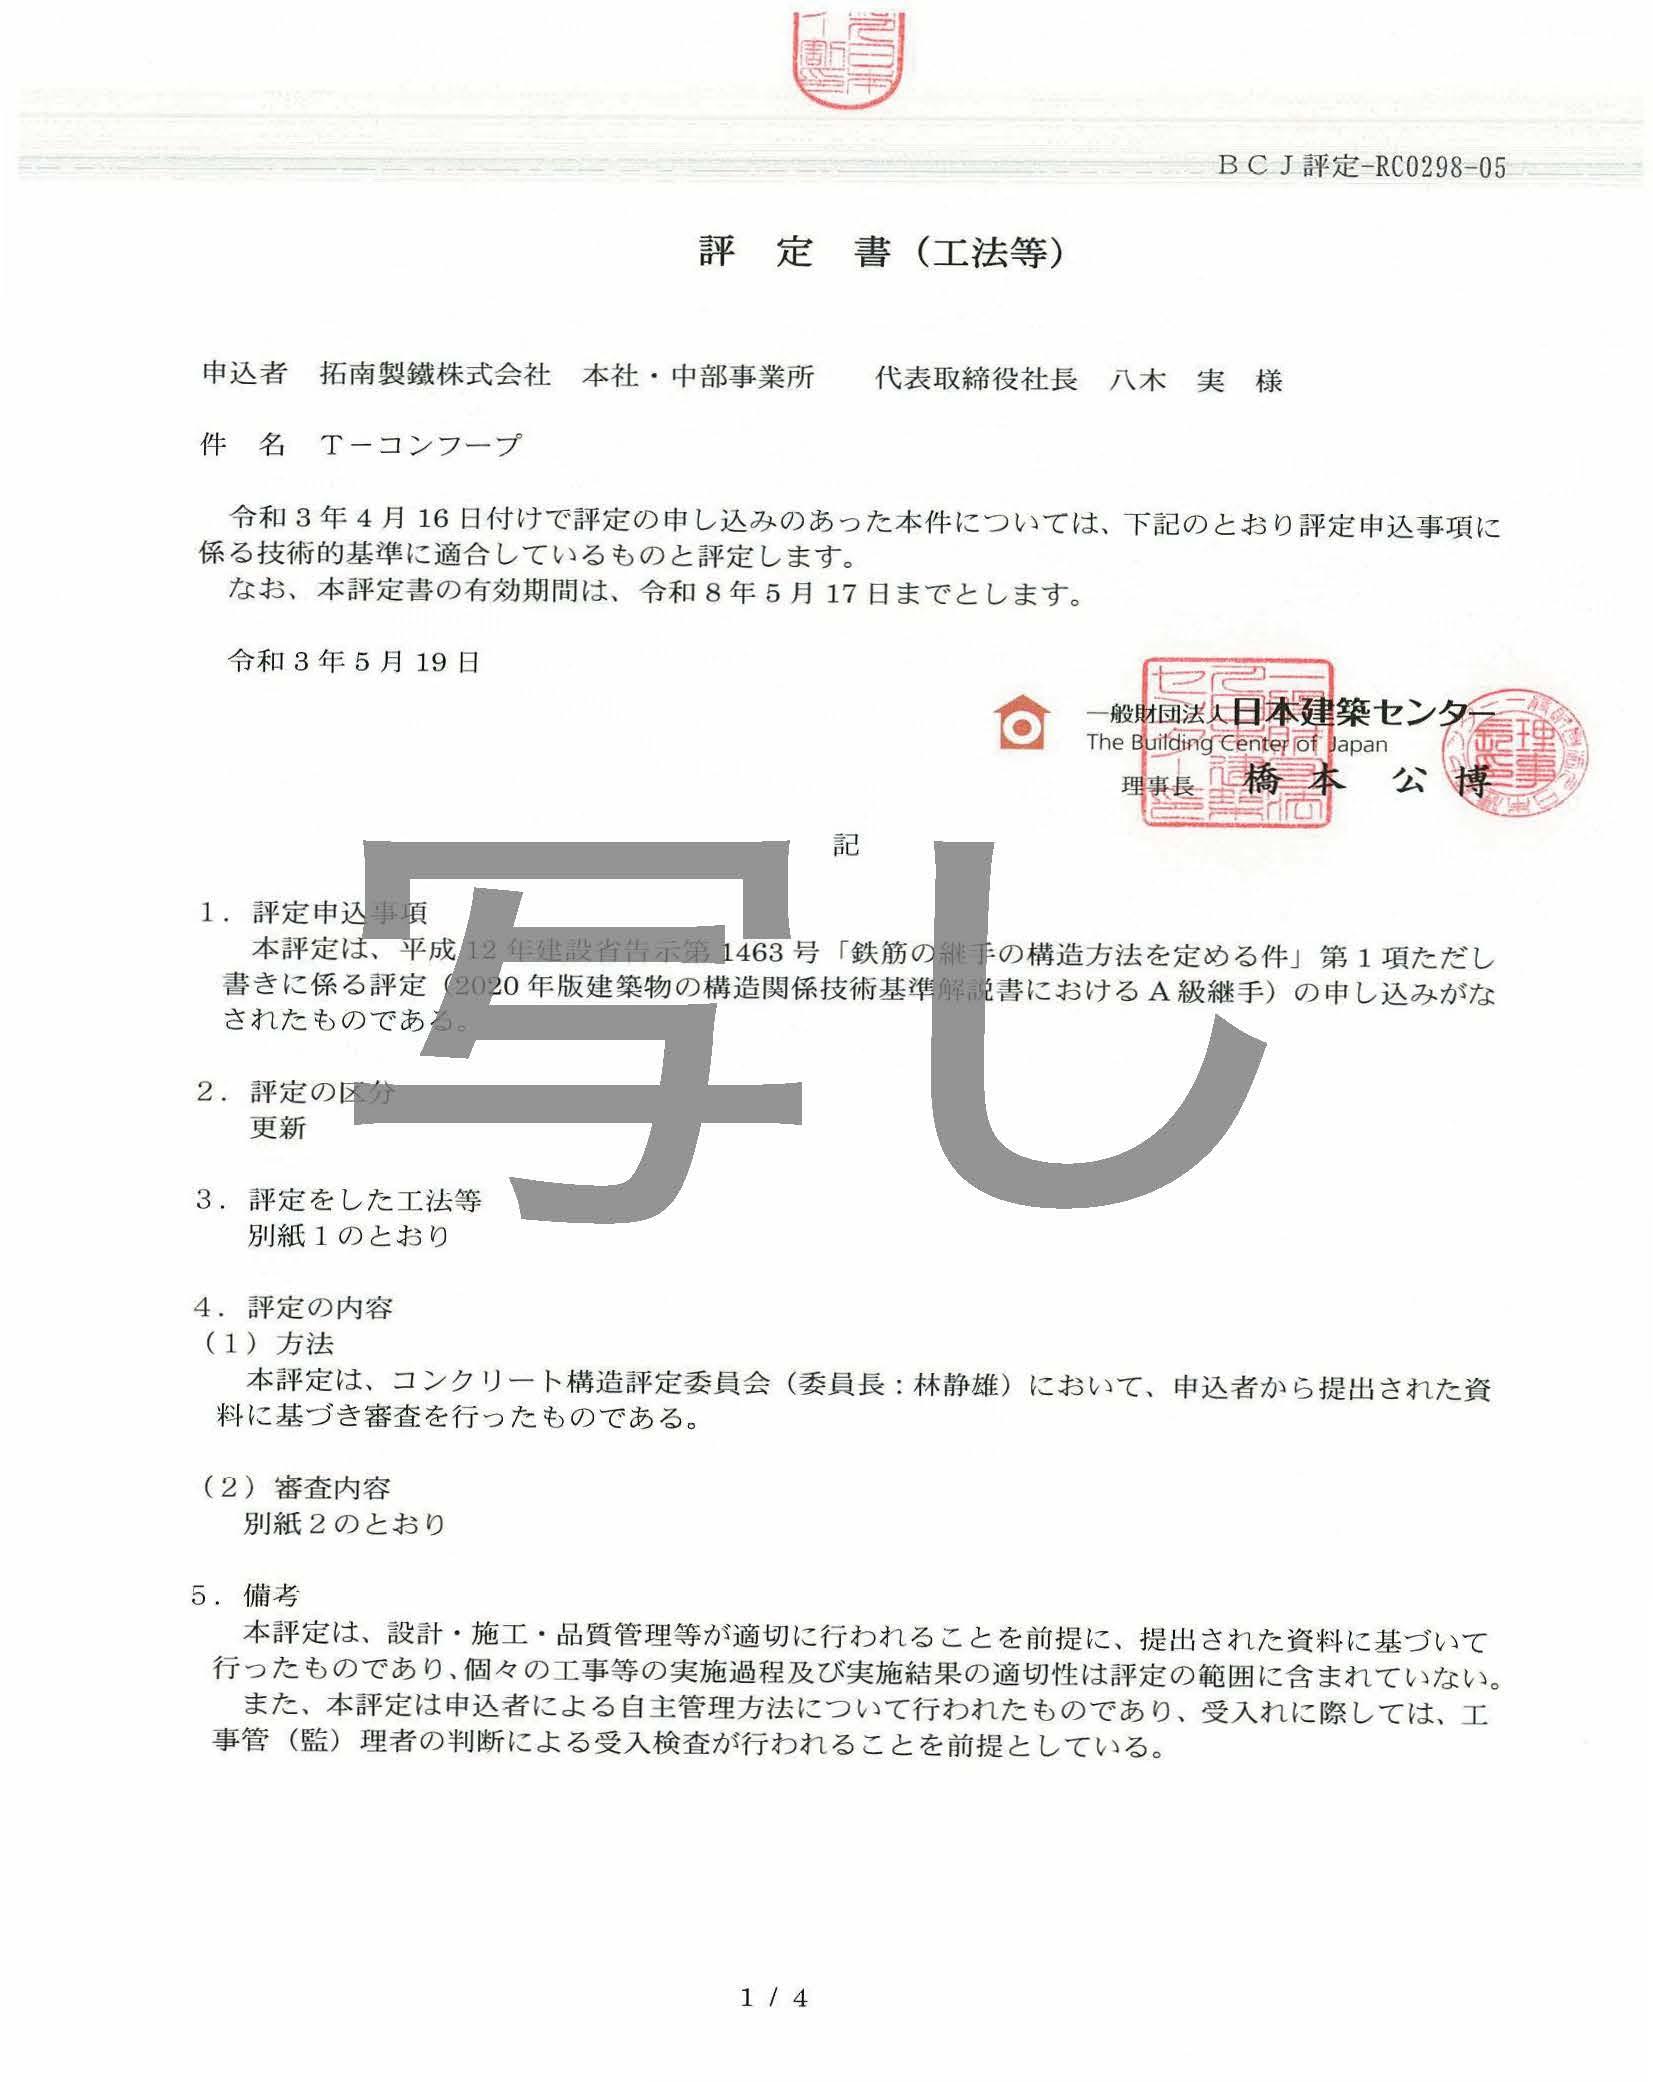 T-コンフープ評定書